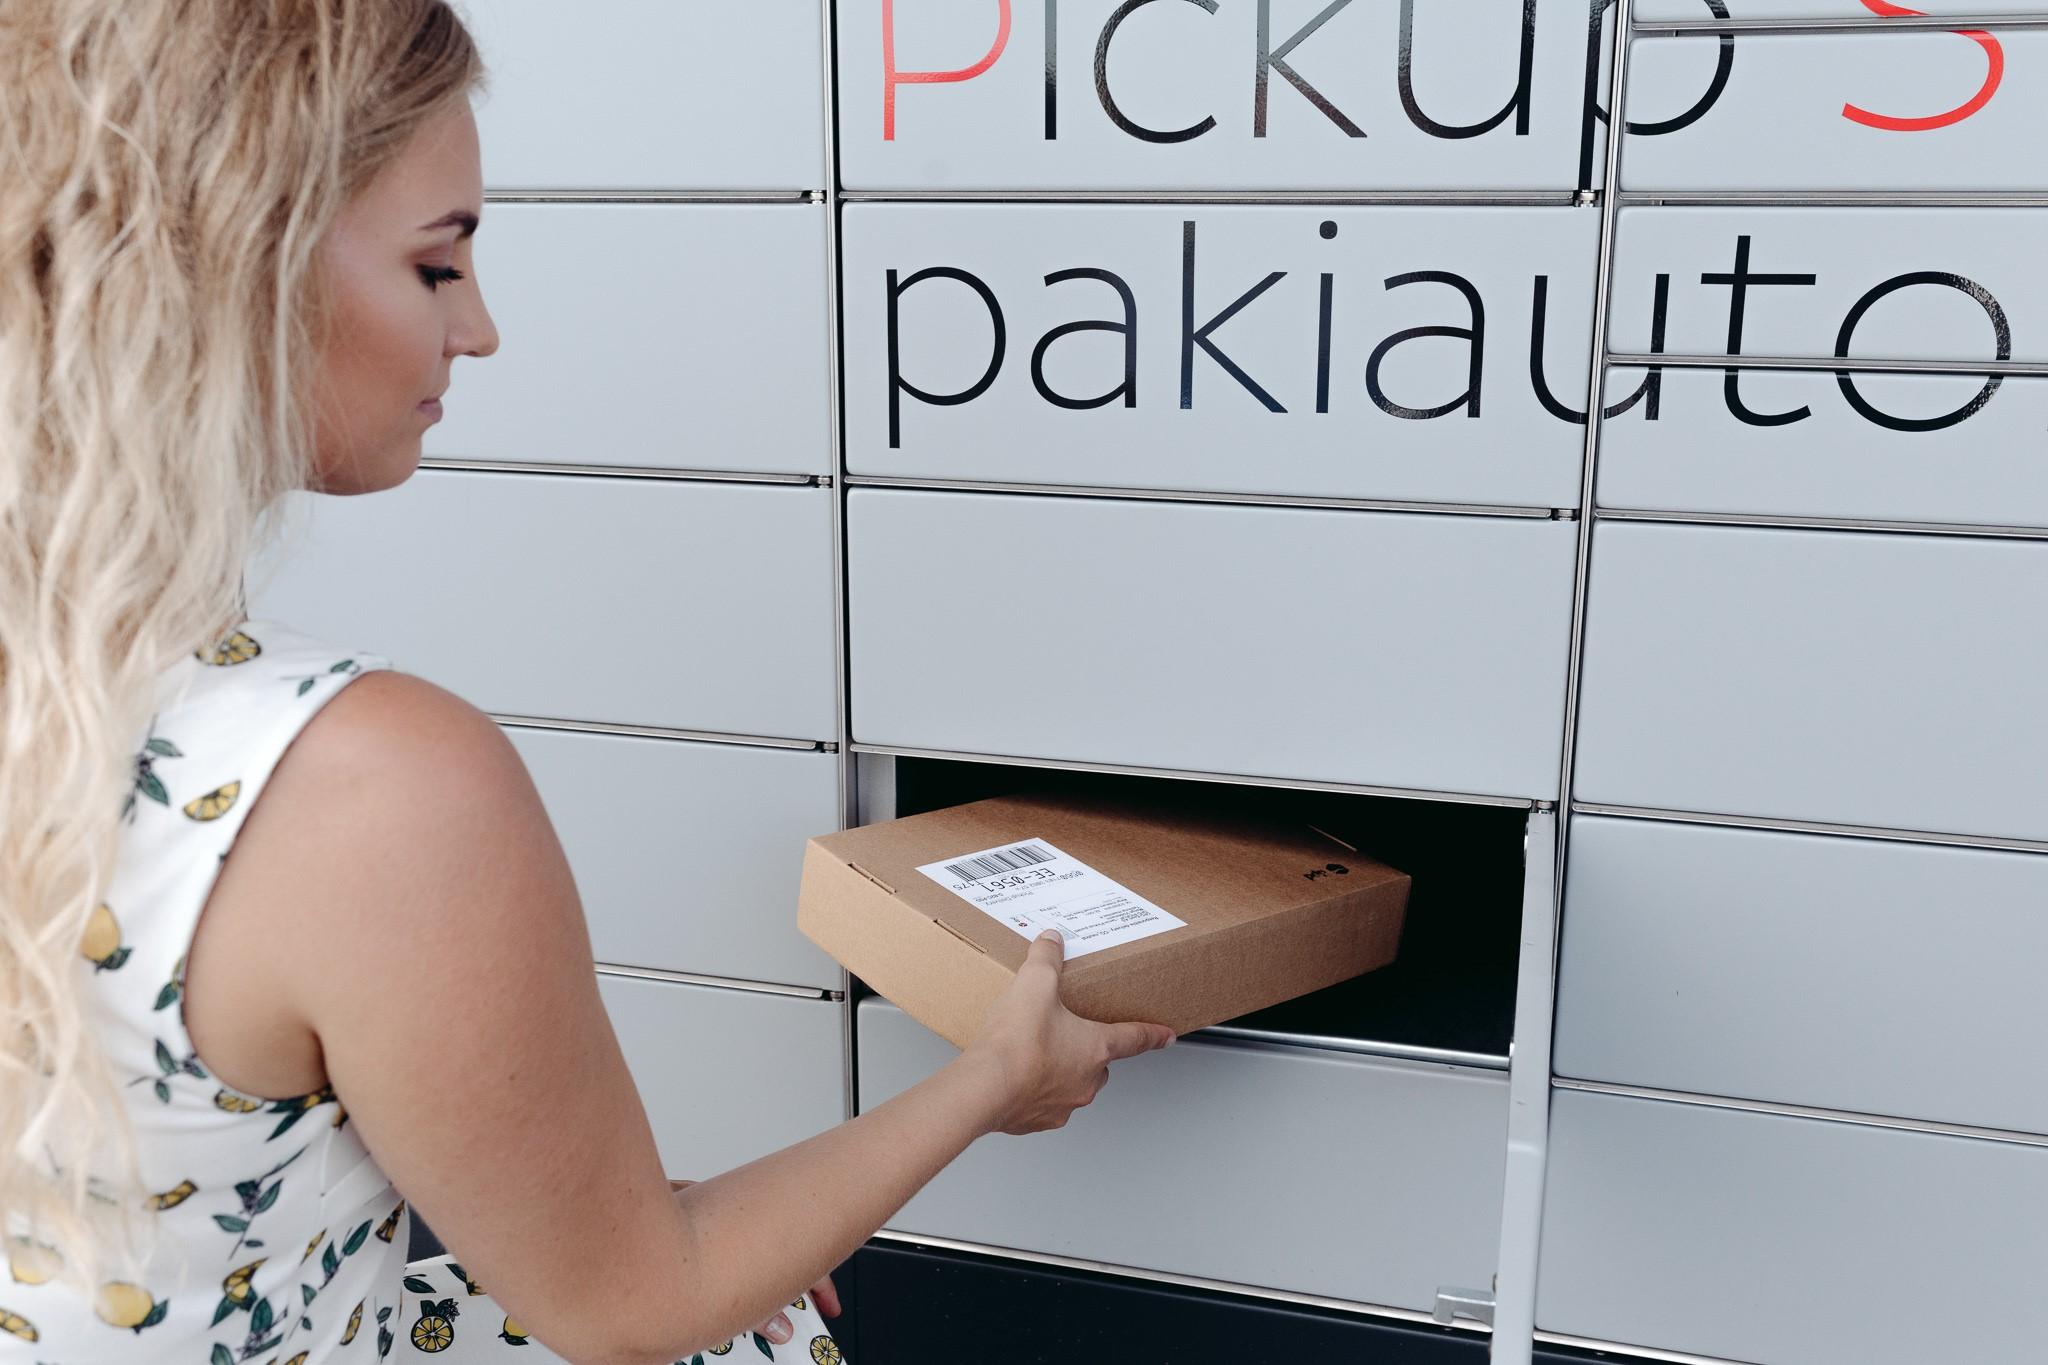 Eesti e-ostlejad pole harjunud kaupu tagastama